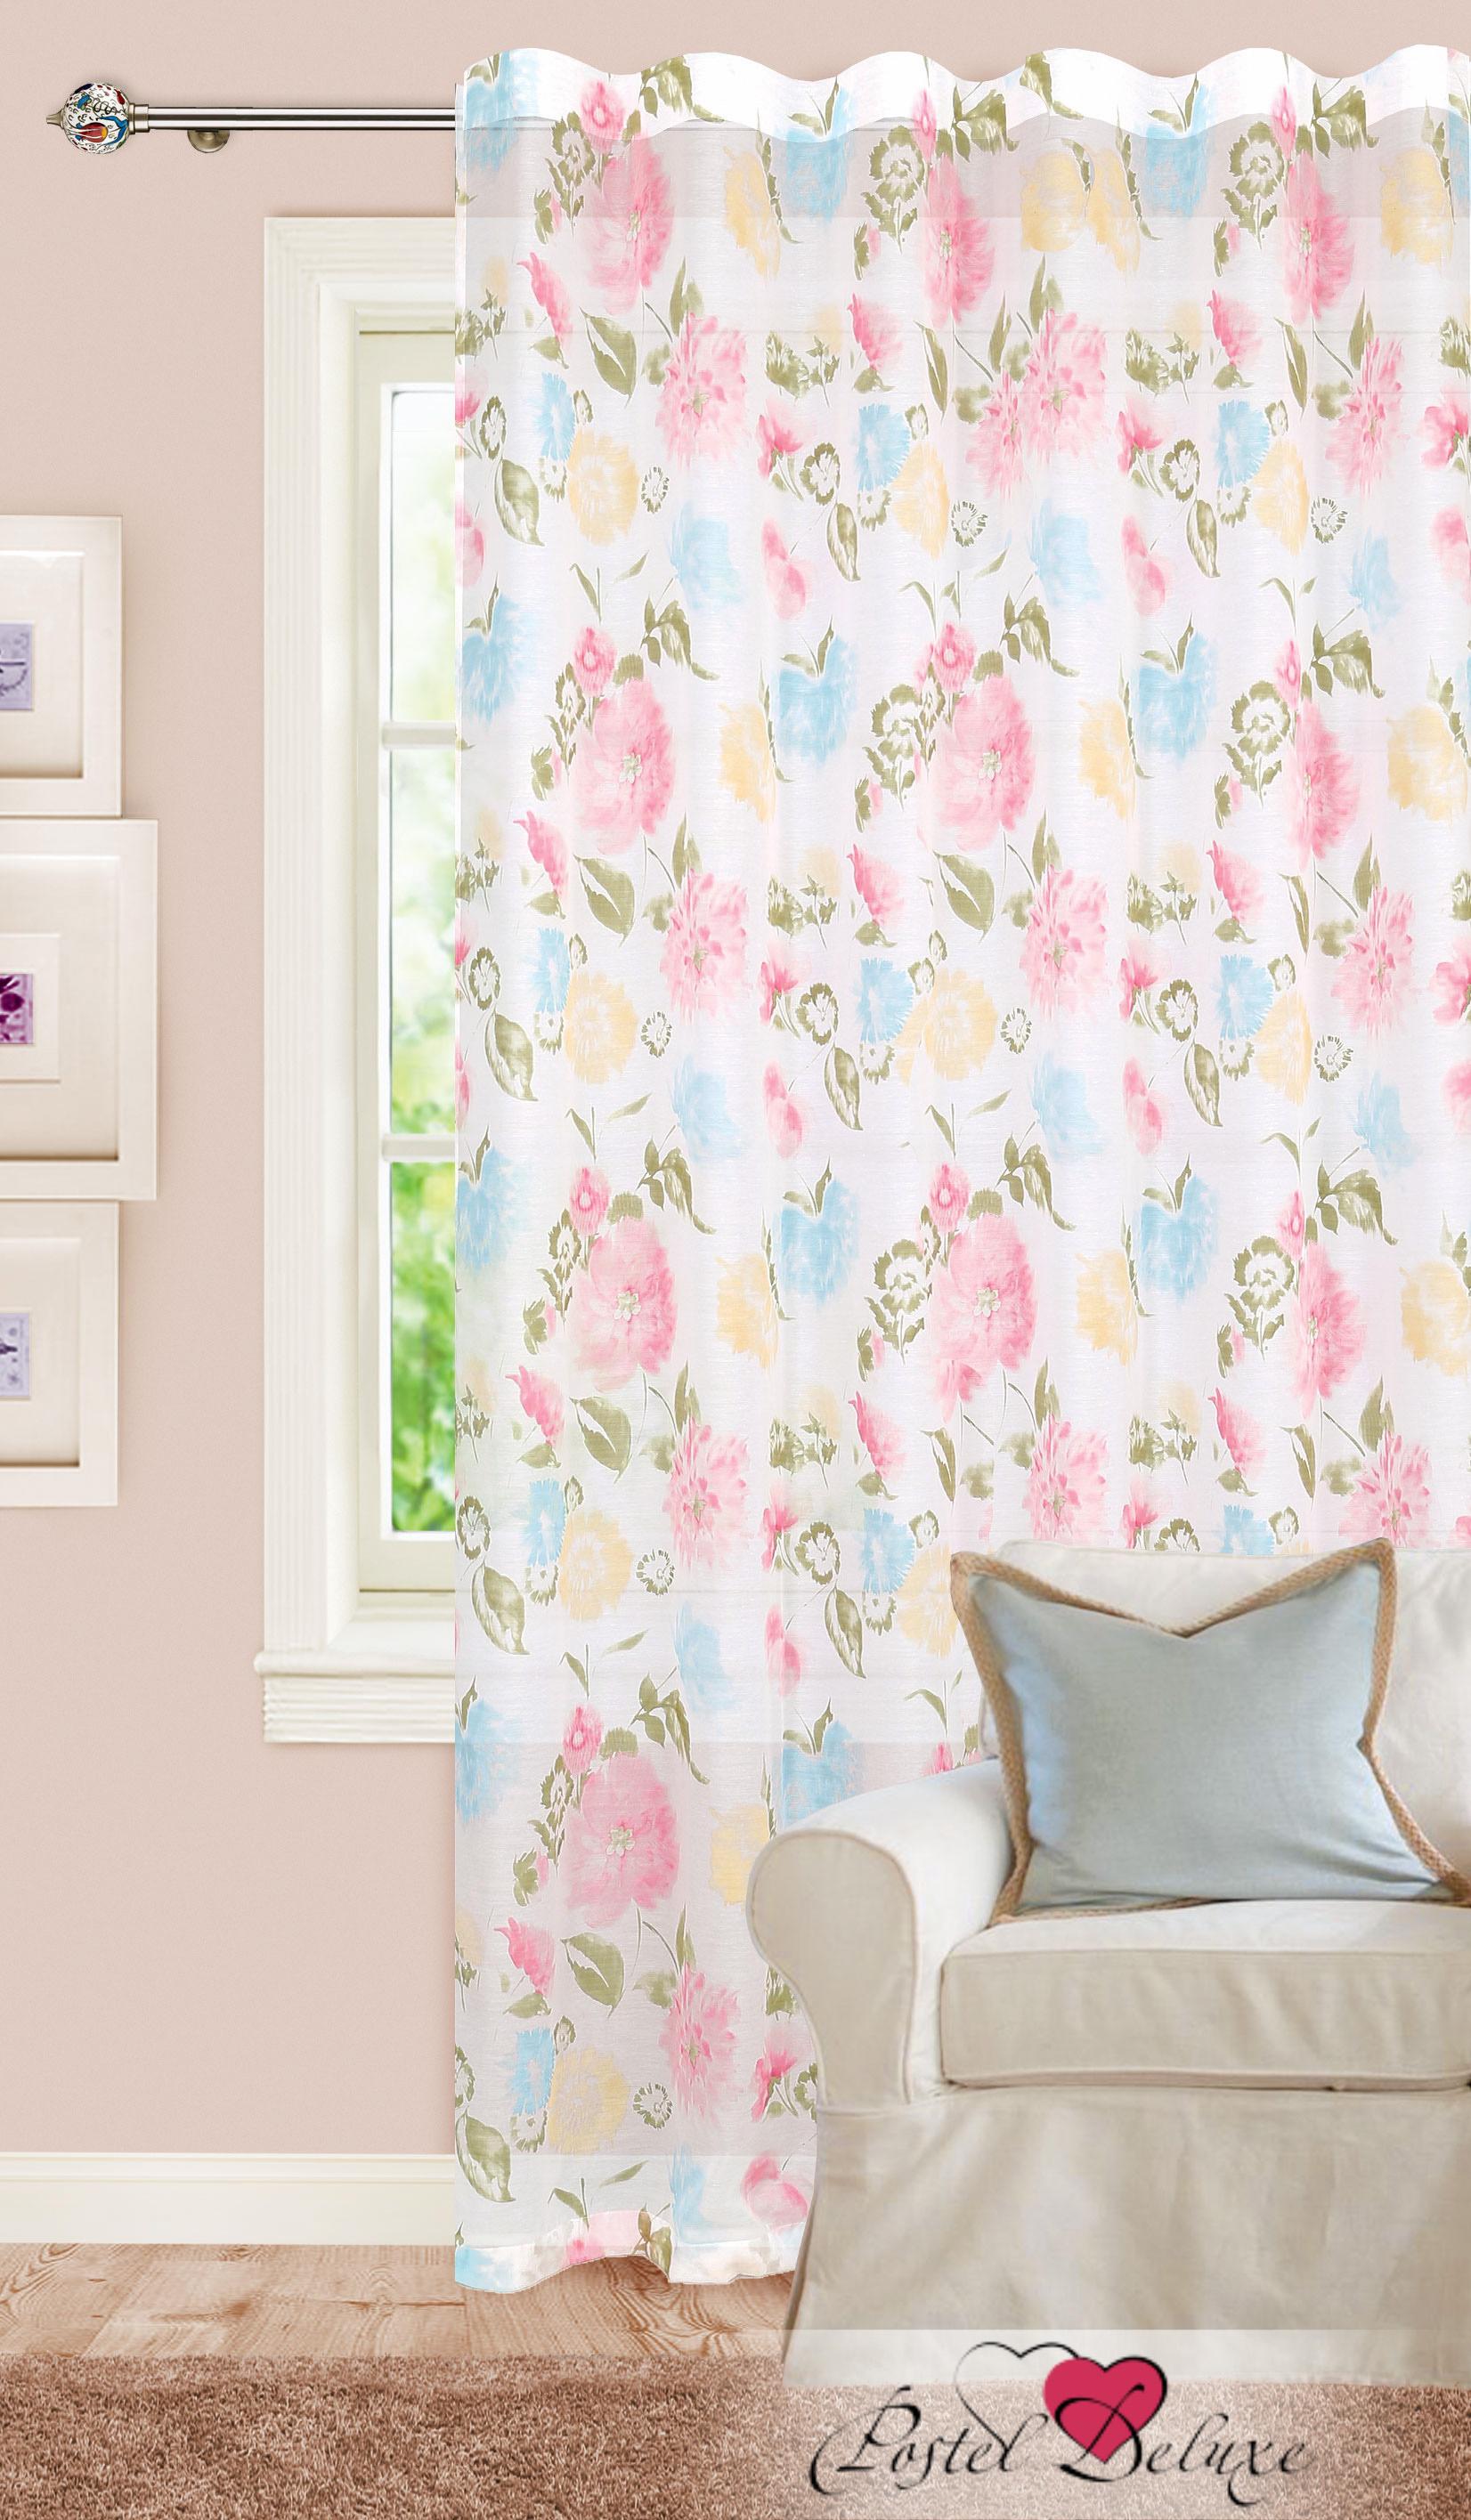 Шторы Garden Классические шторы Букет Цвет: Розовый, Голубой, Персиковый garden garden классические шторы букет цвет розовый голубой персиковый